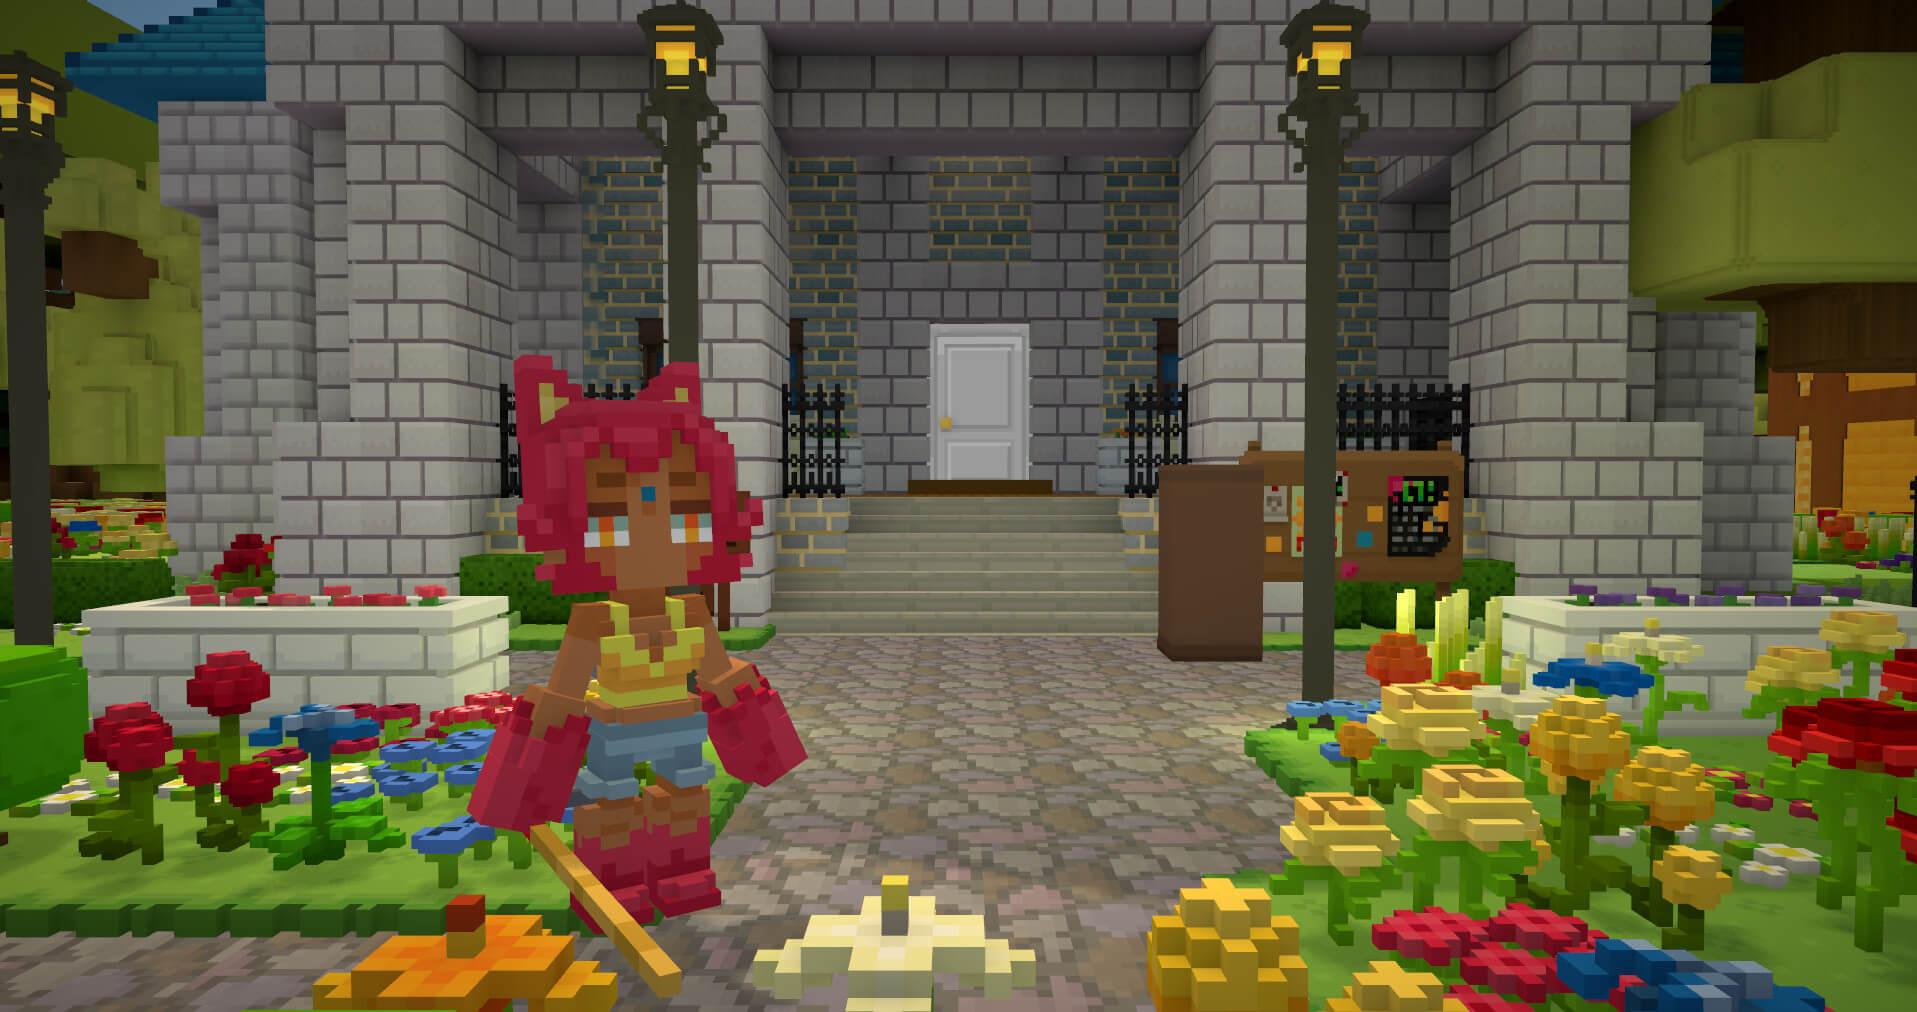 Скриншот из игры Staxel